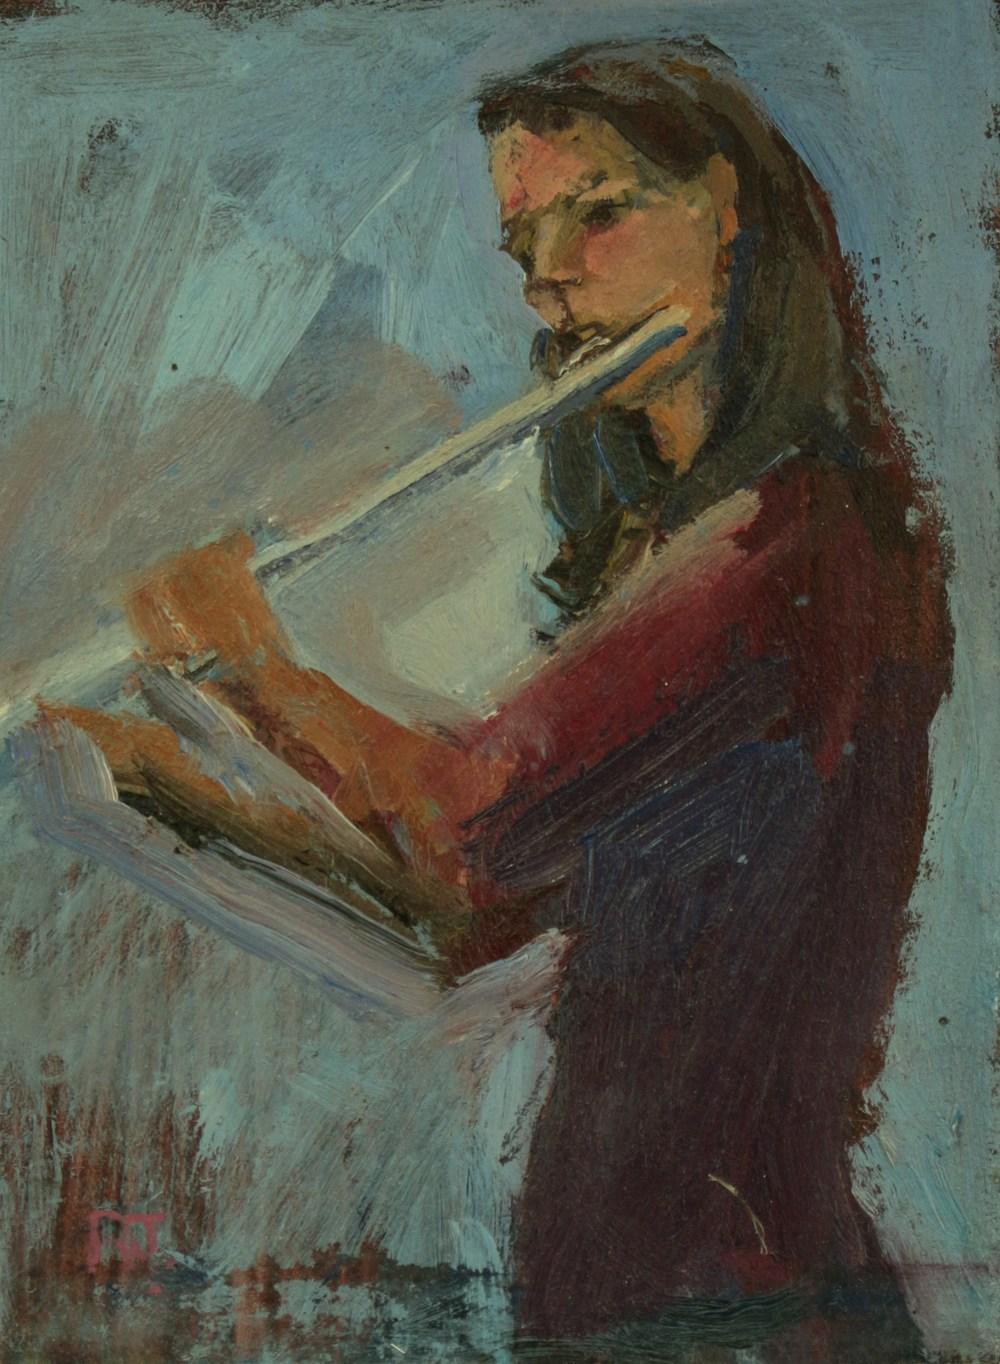 108. flautist